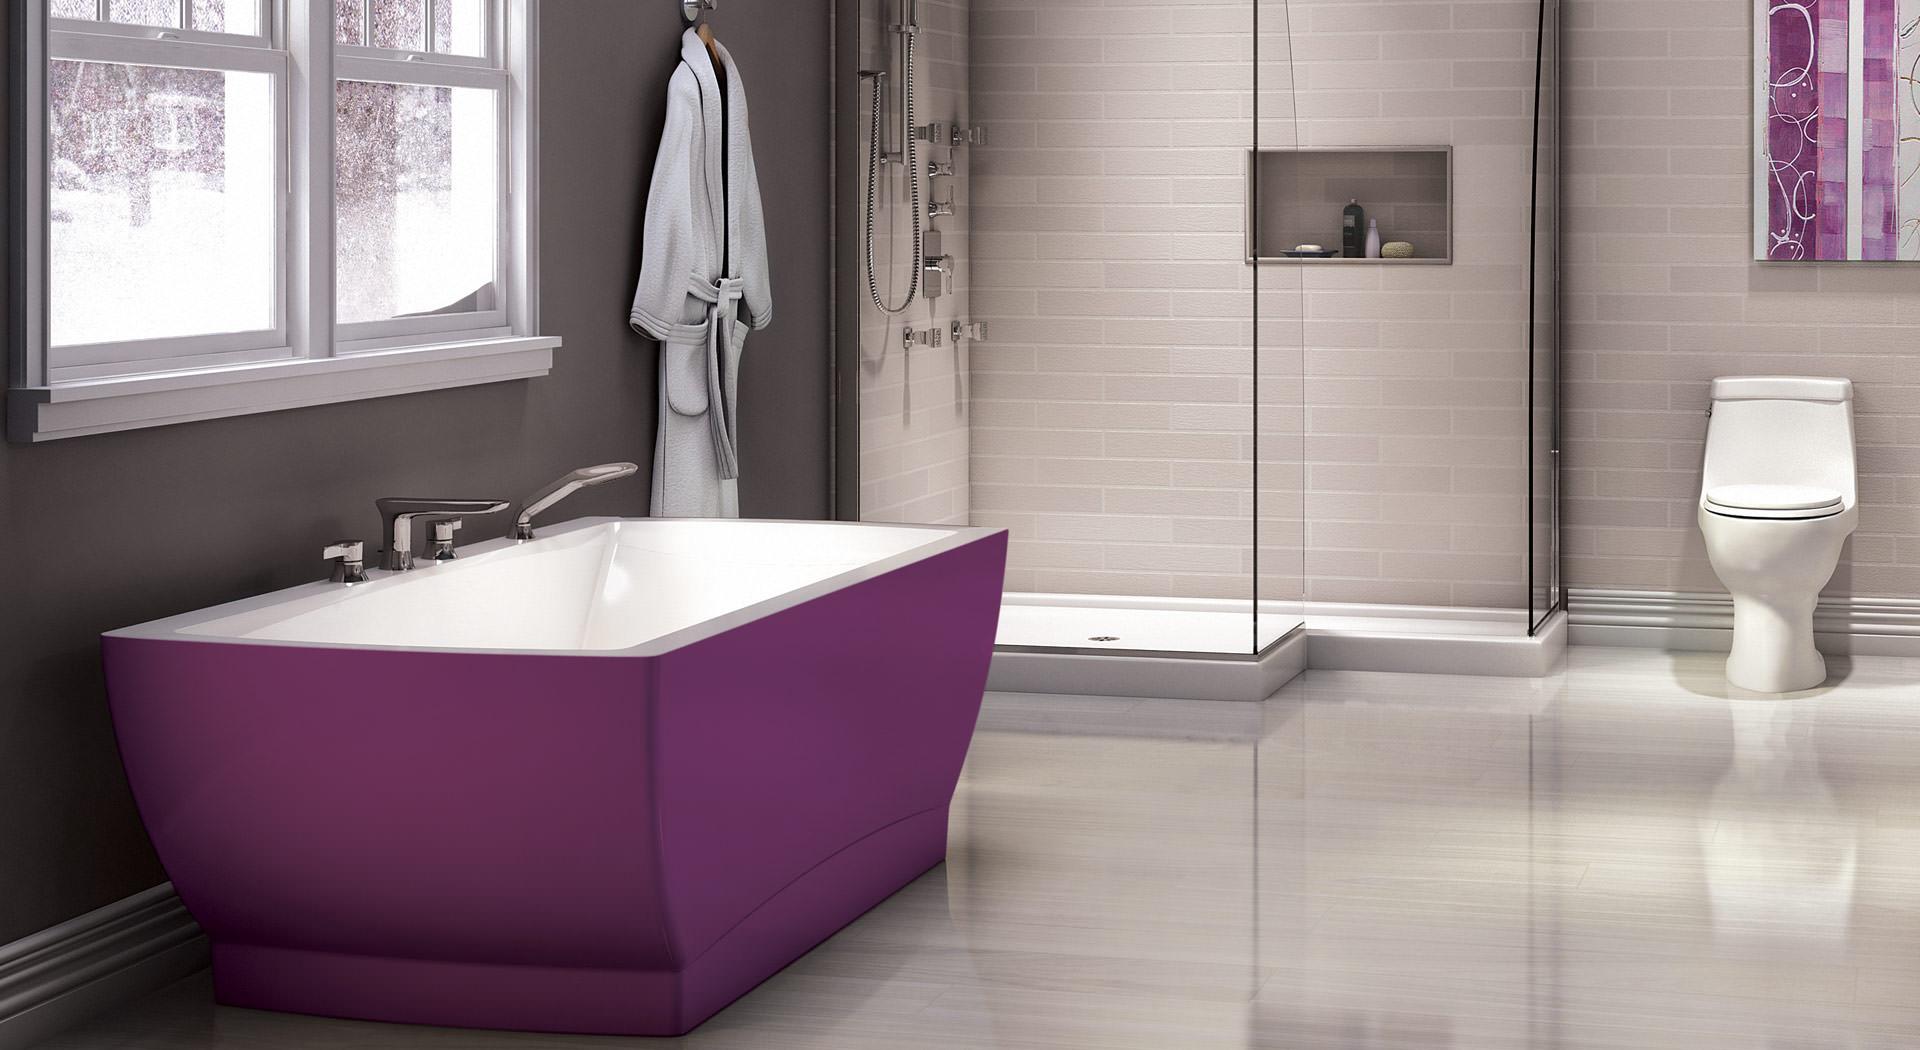 Японский минималистичный стиль в ванной с фиолетовым акцентом